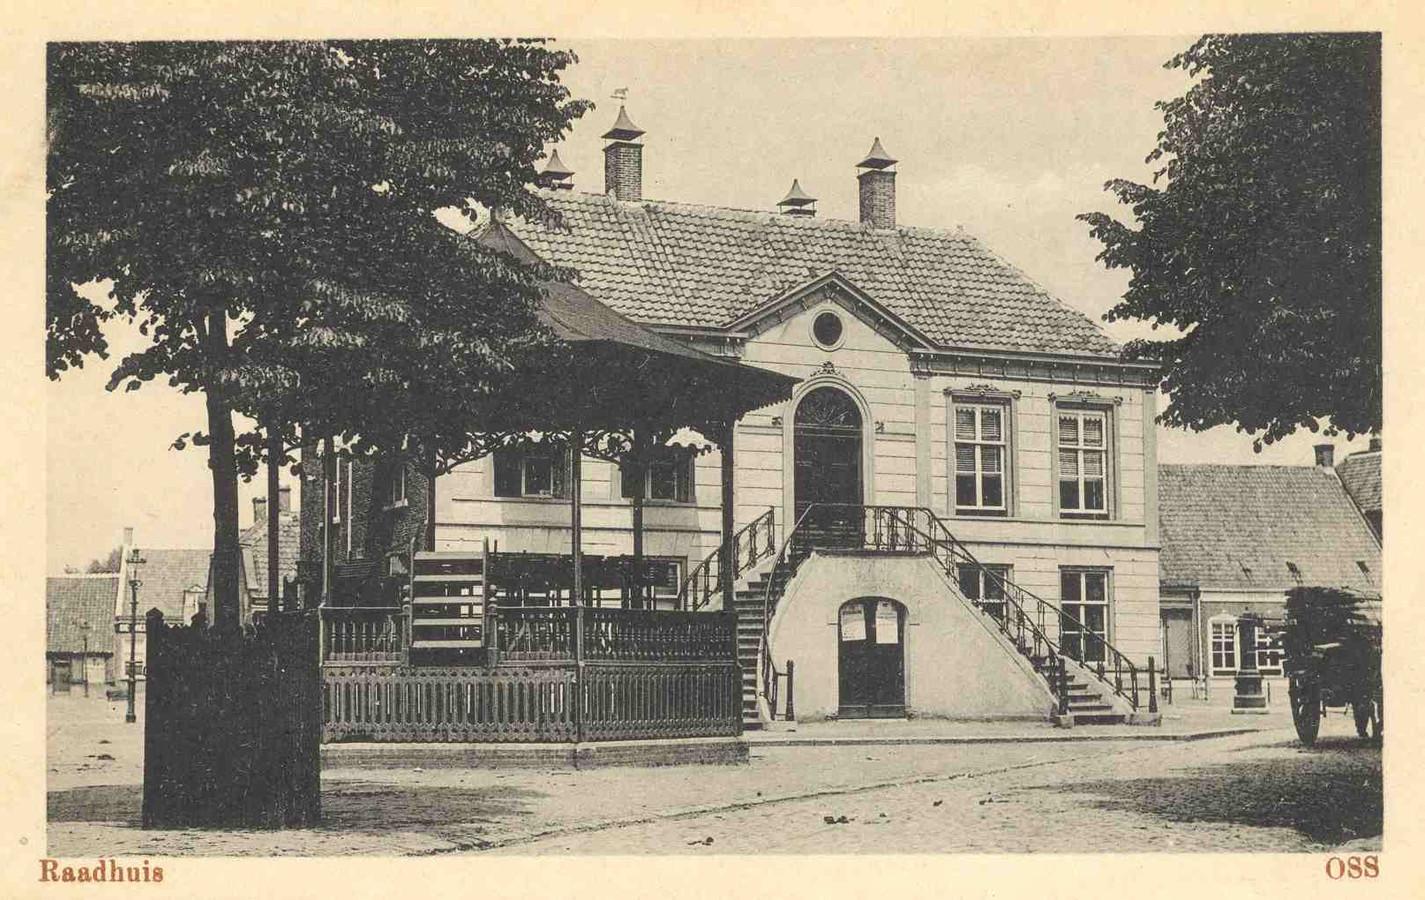 Het Raadhuis op de Heuvel waar in de Bataafse tijd de namen van nieuwe beambten aangeplakt werden.